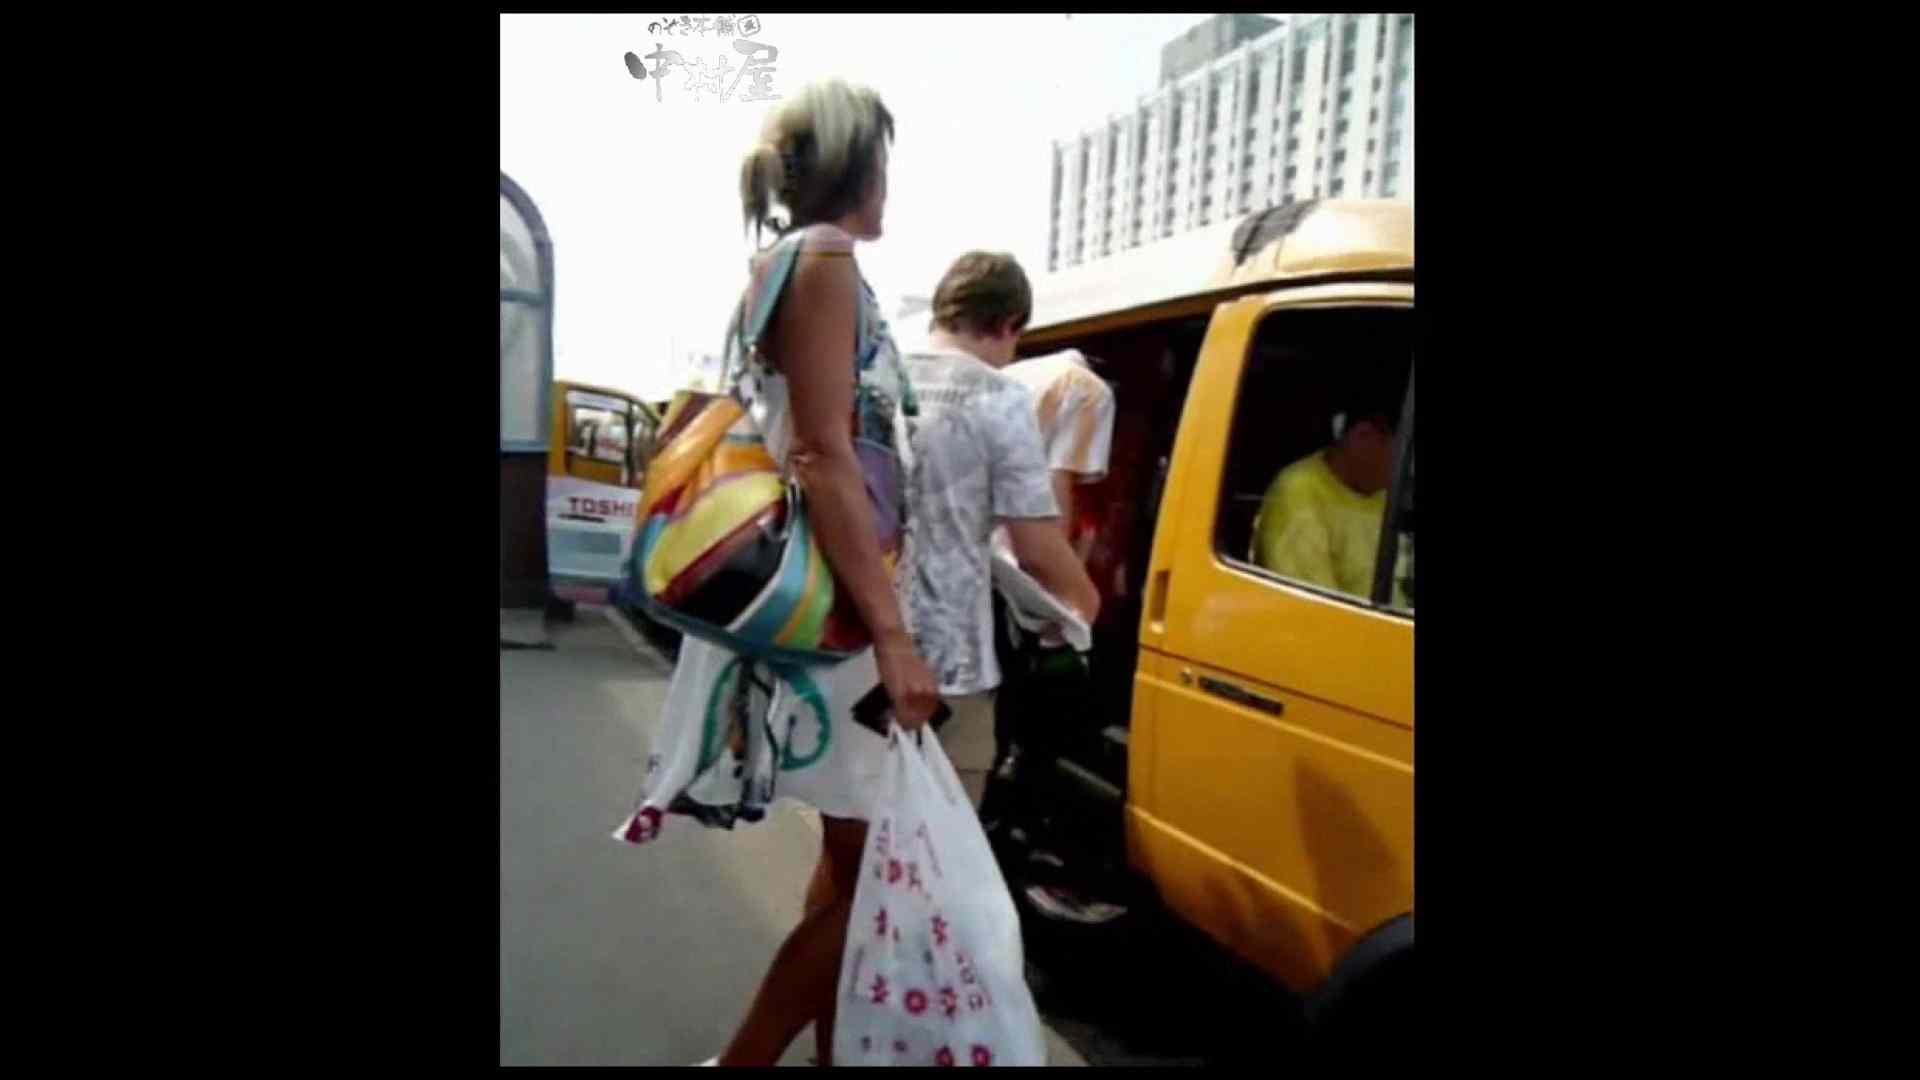 綺麗なモデルさんのスカート捲っちゃおう‼ vol29 OLのエロ生活  83連発 6